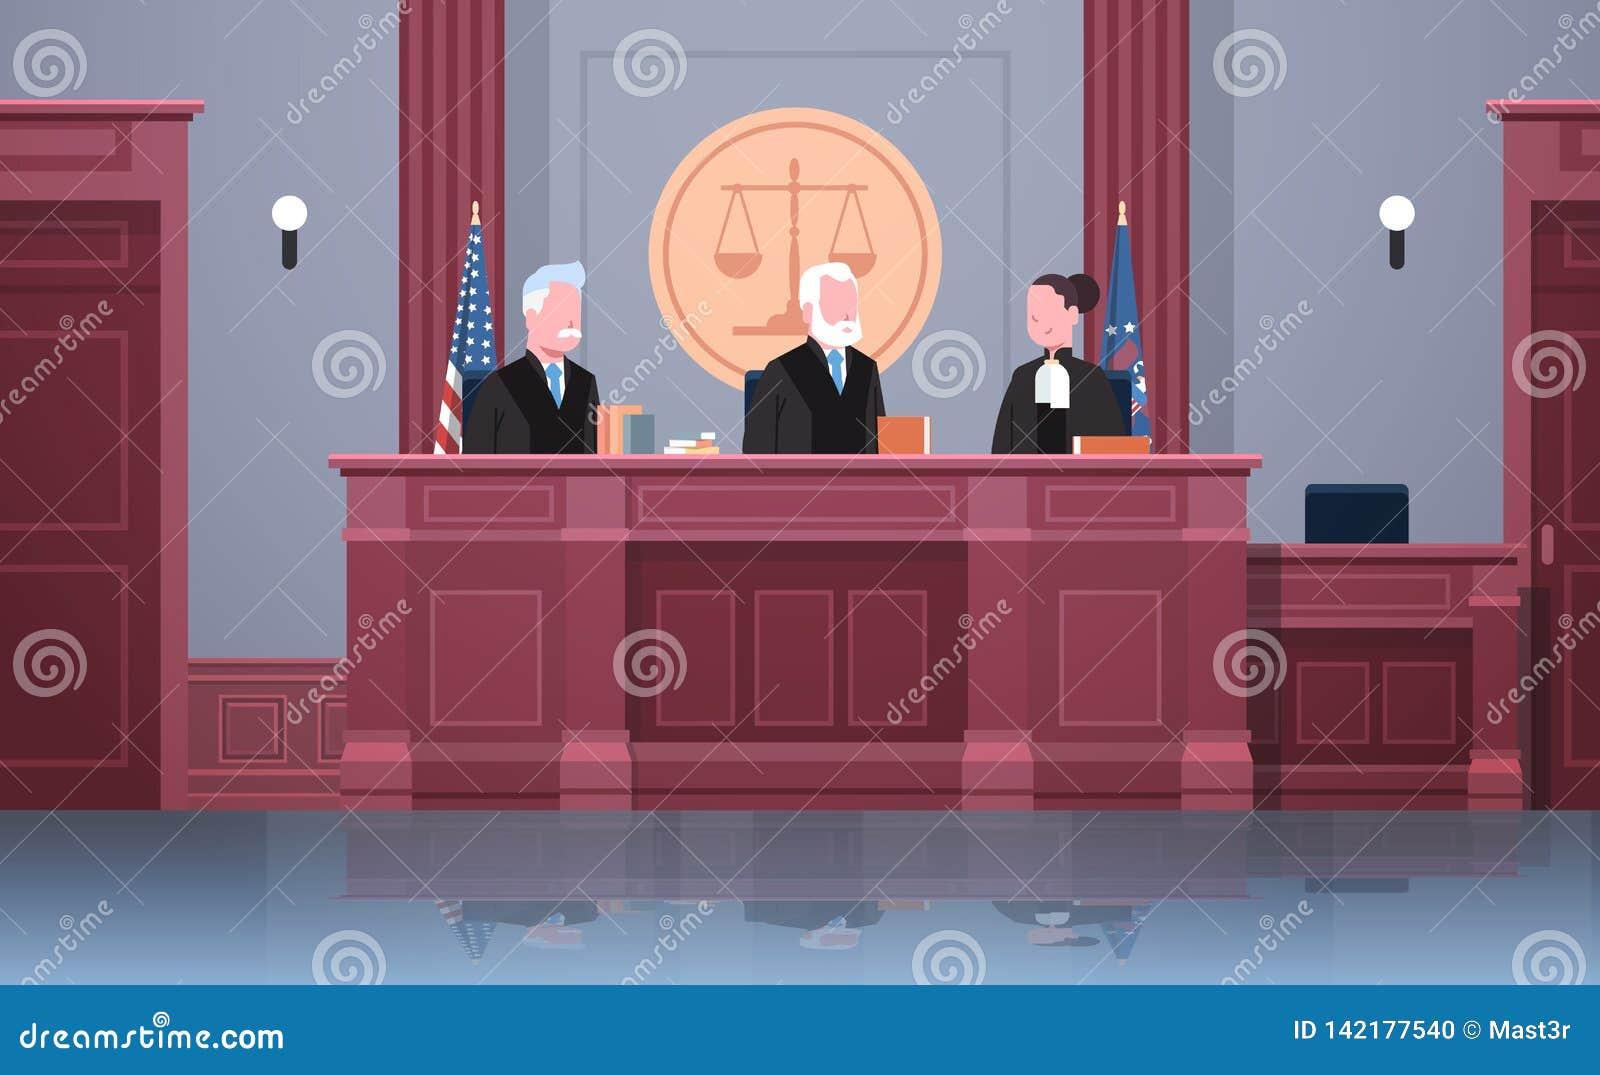 与法官律师和代理人的法律过程坐在工作场所法院开庭现代法庭内部的制服的